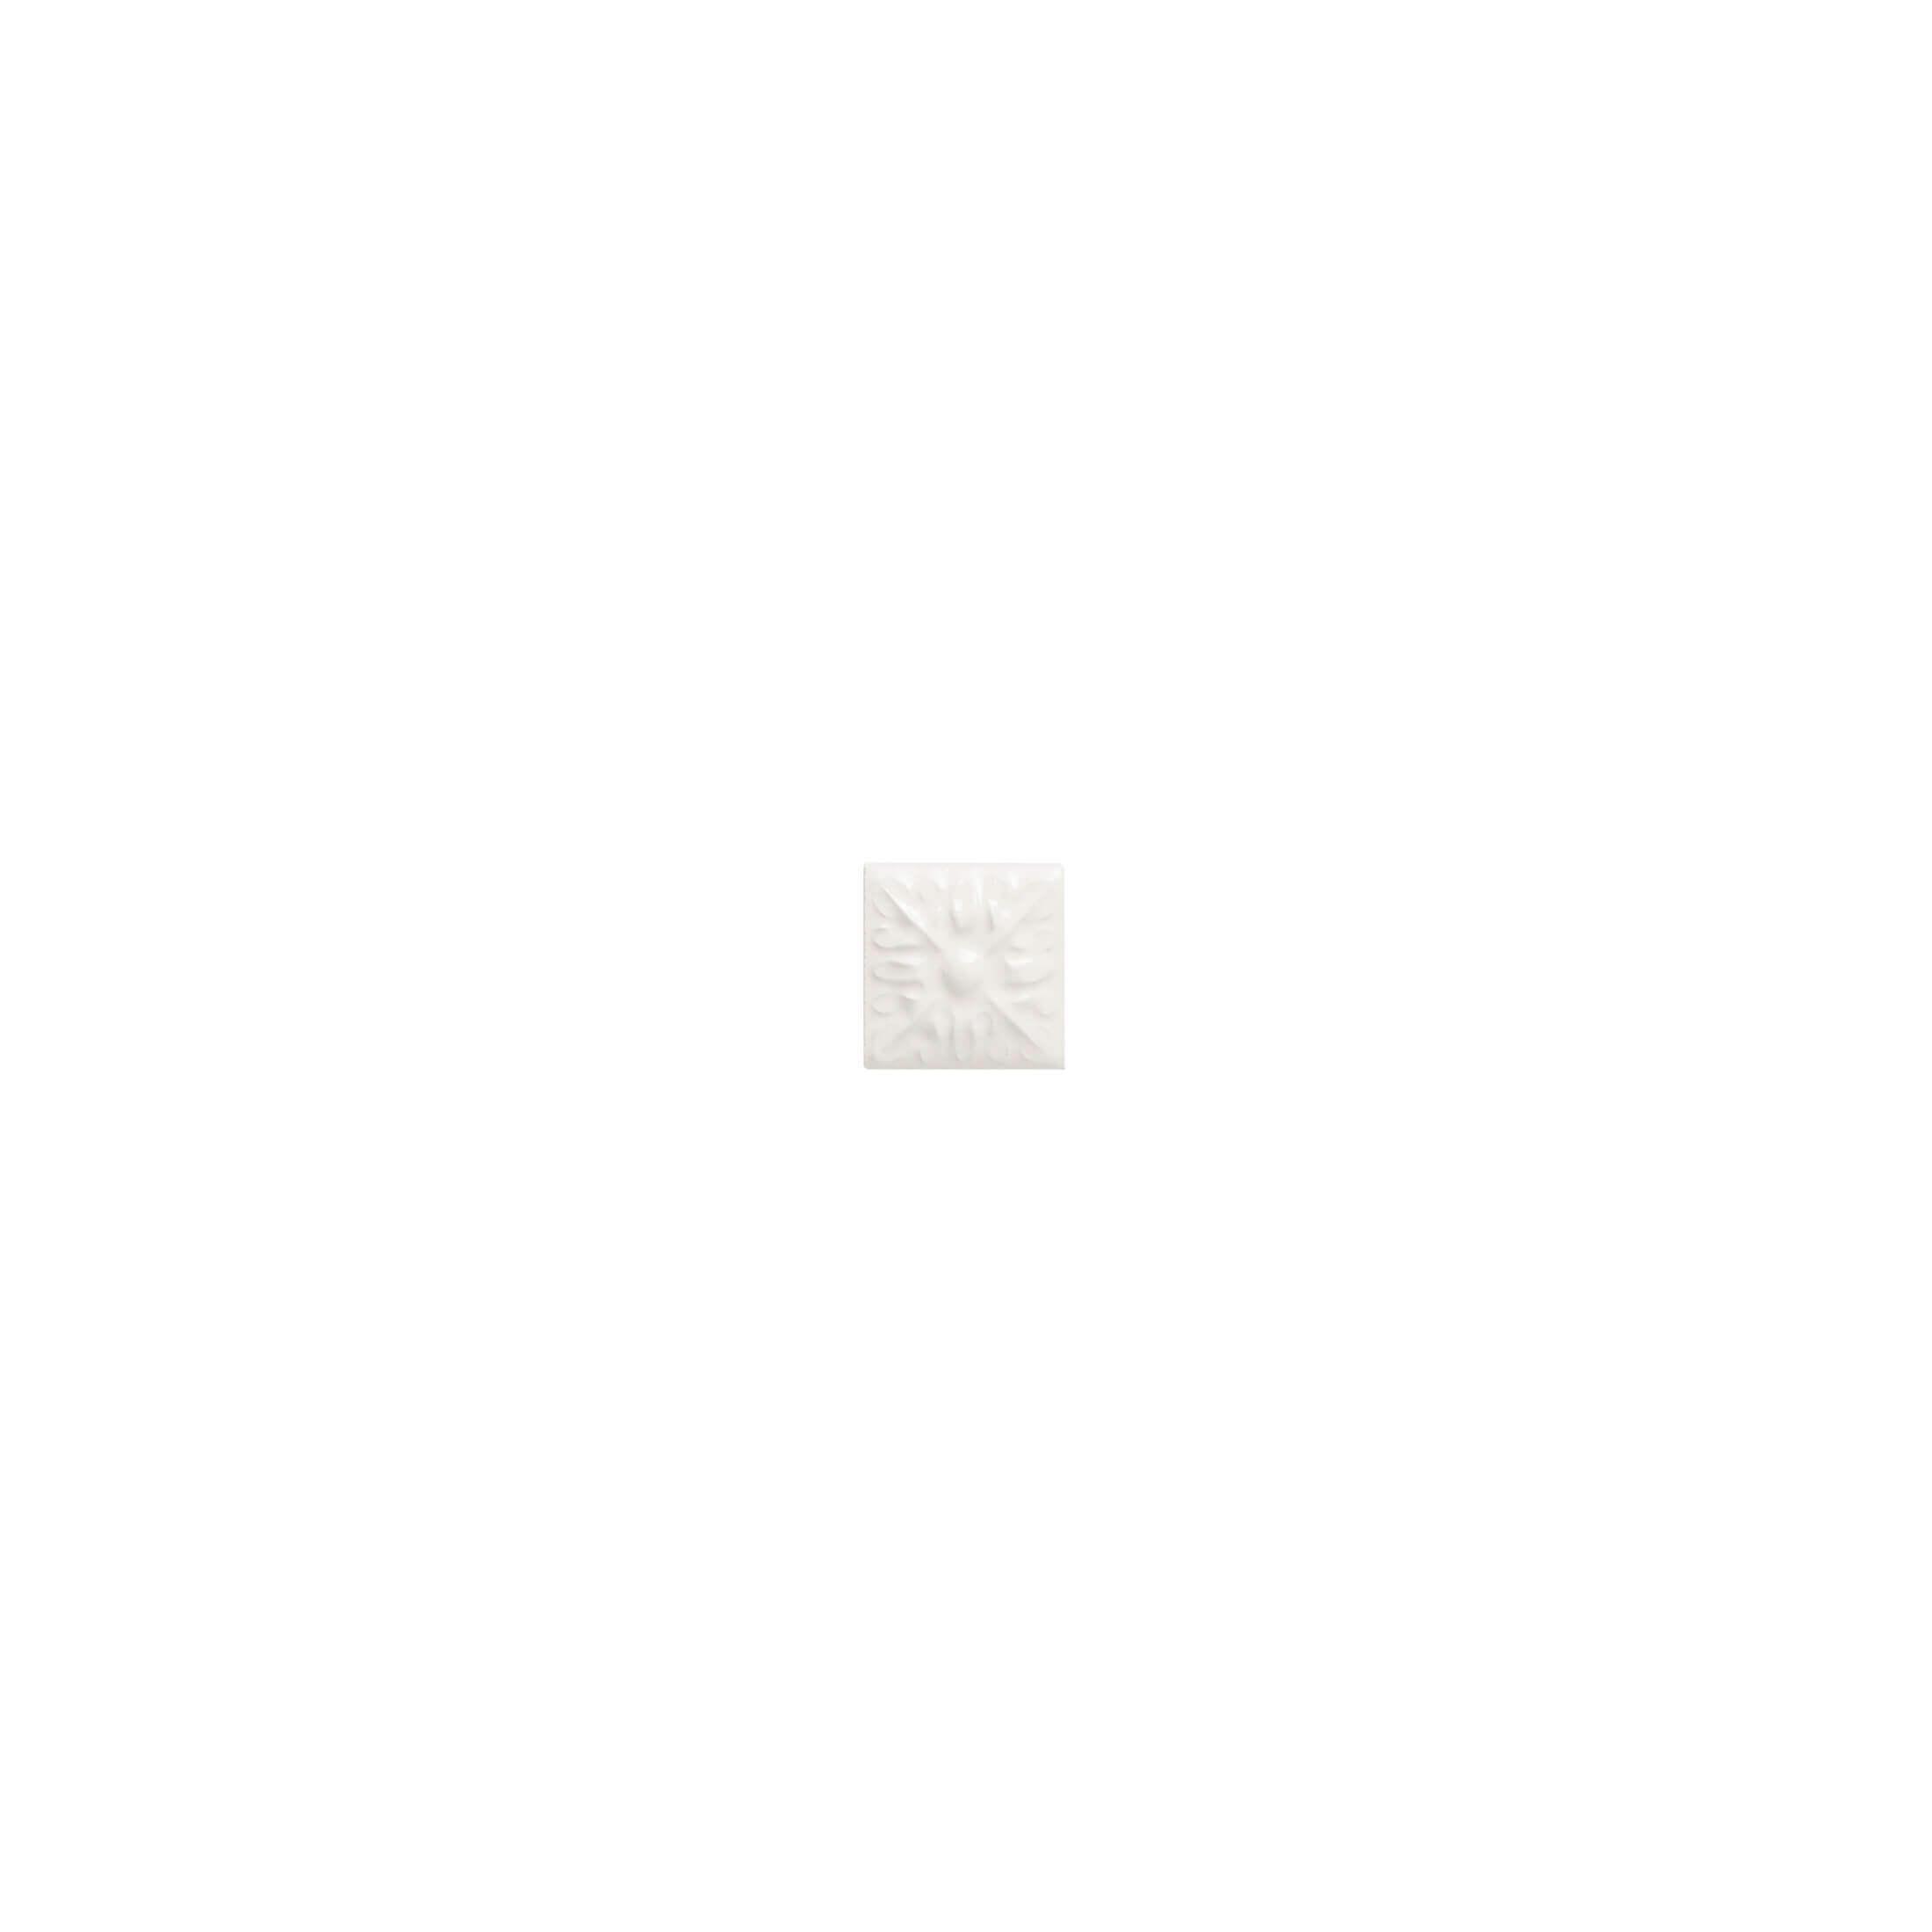 ADST4061 - TACO RELIEVE FLOR Nº 2 - 3 cm X 3 cm